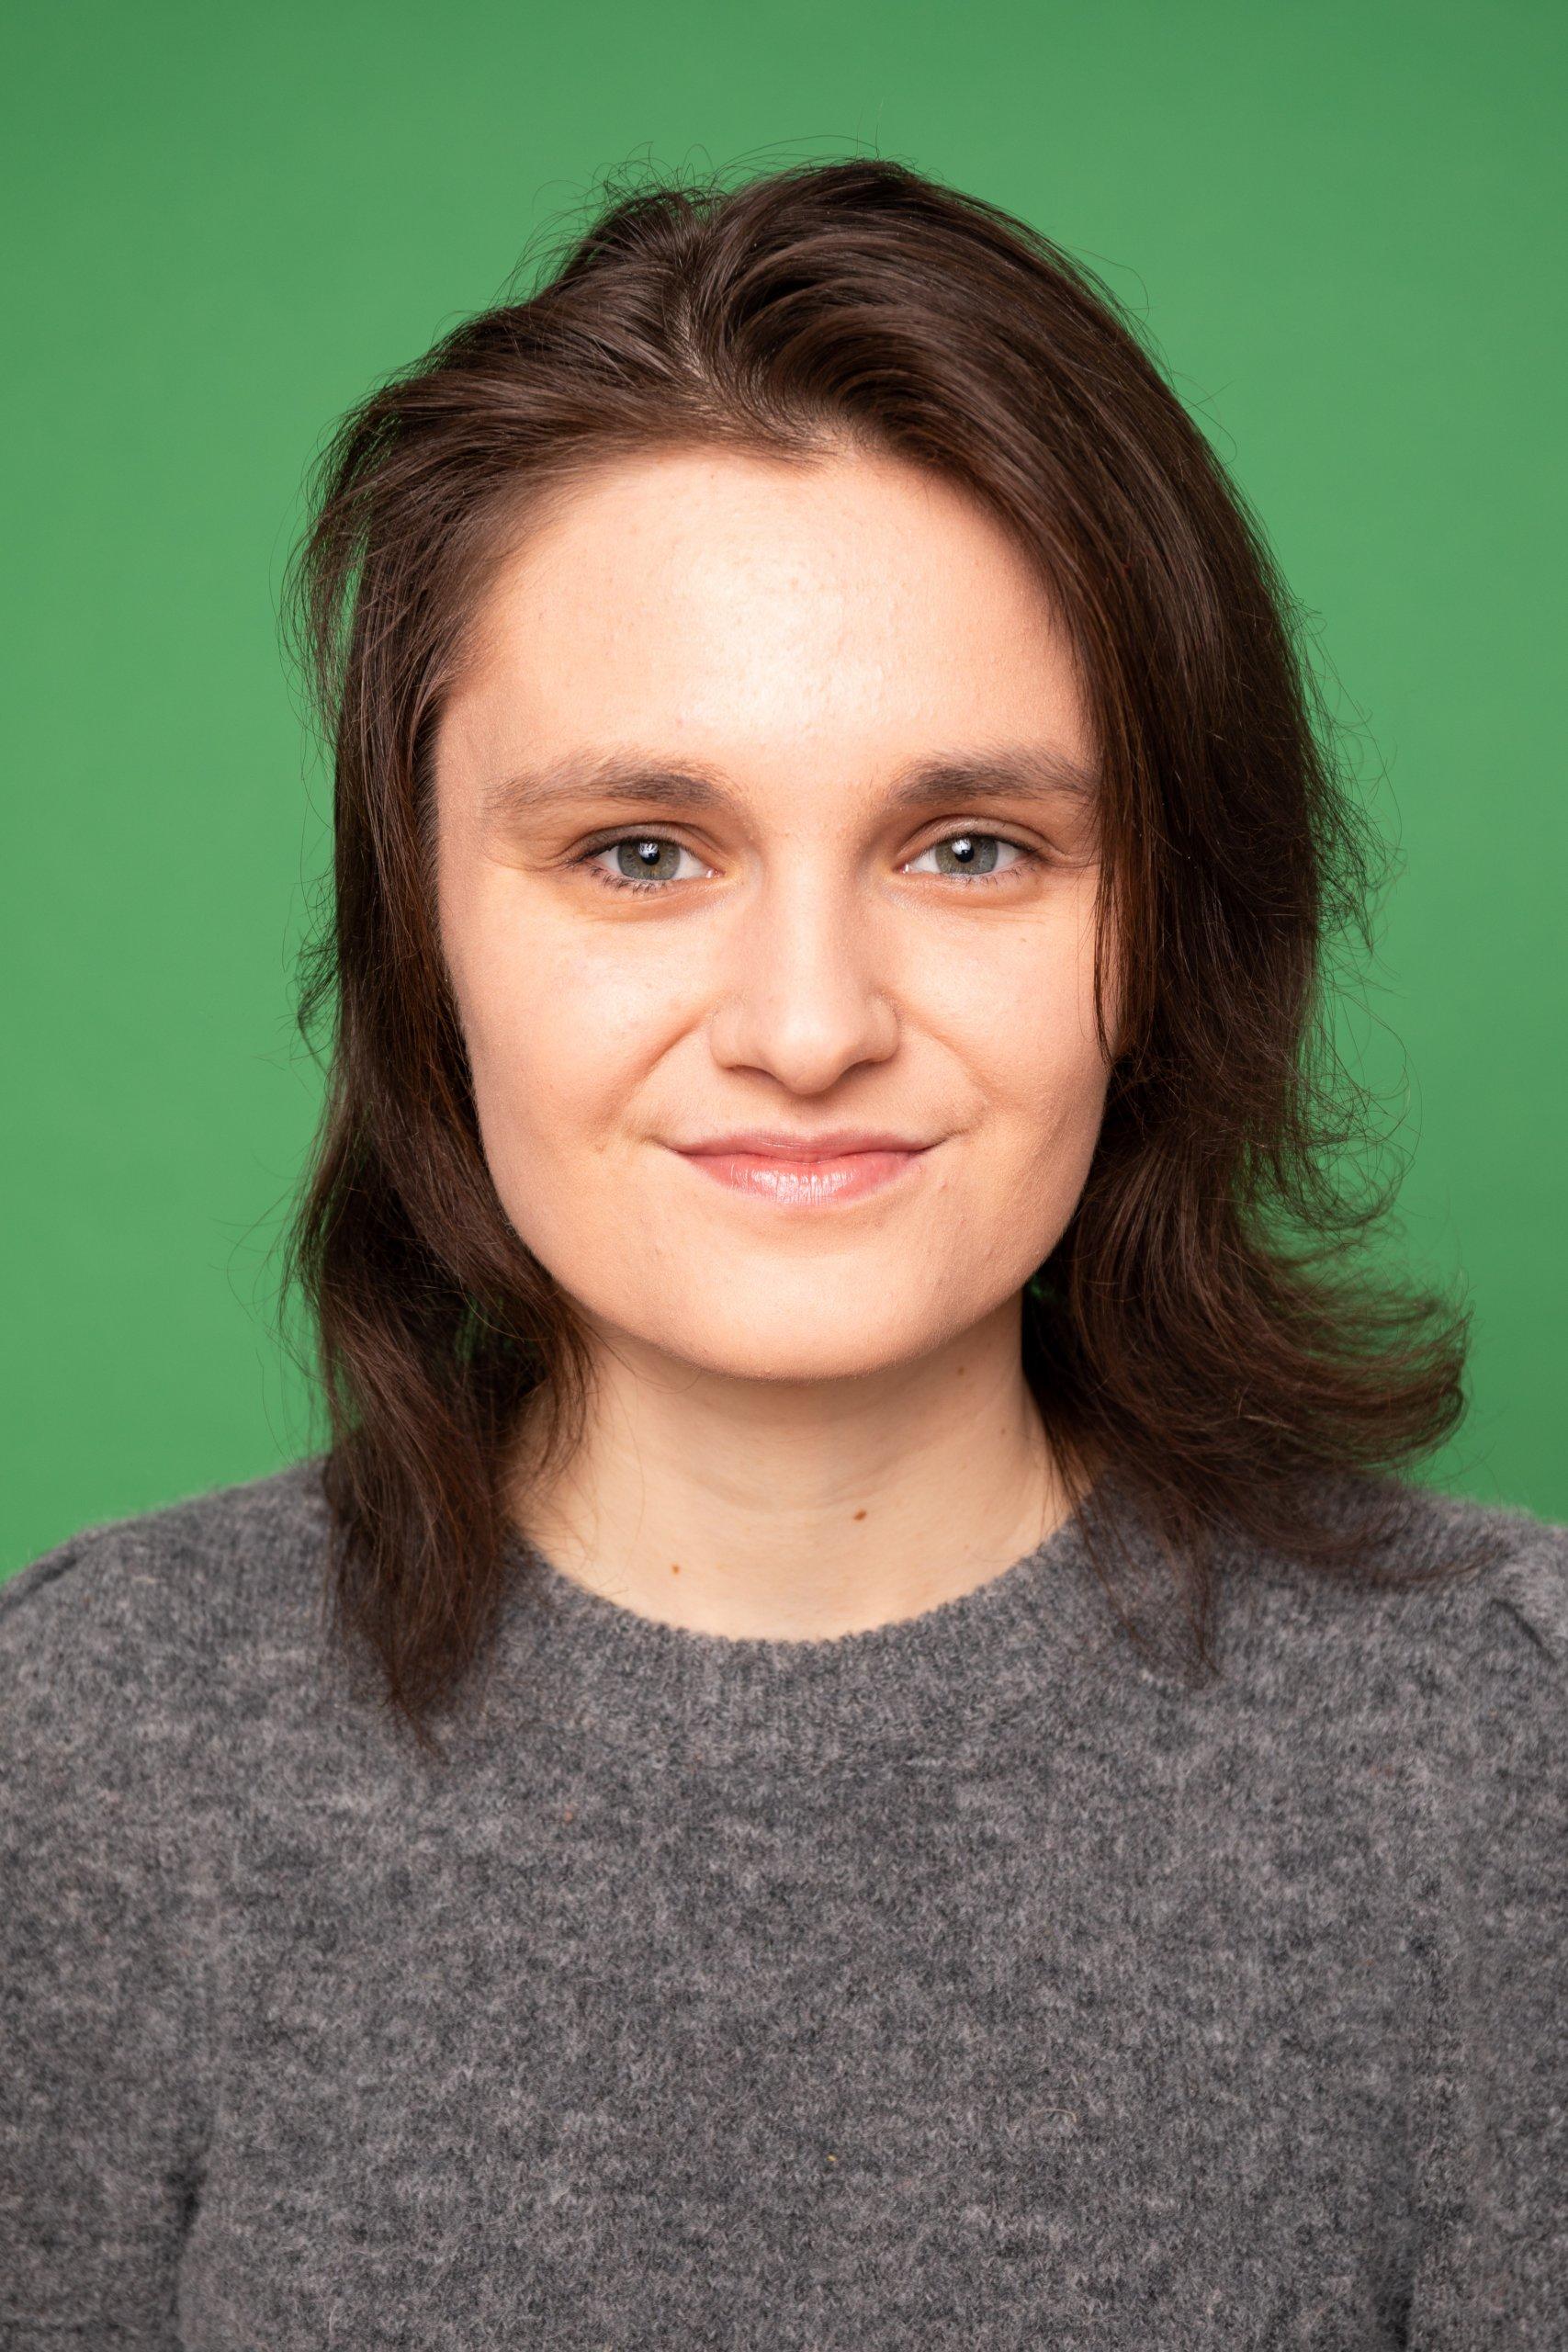 Madeline Deninger